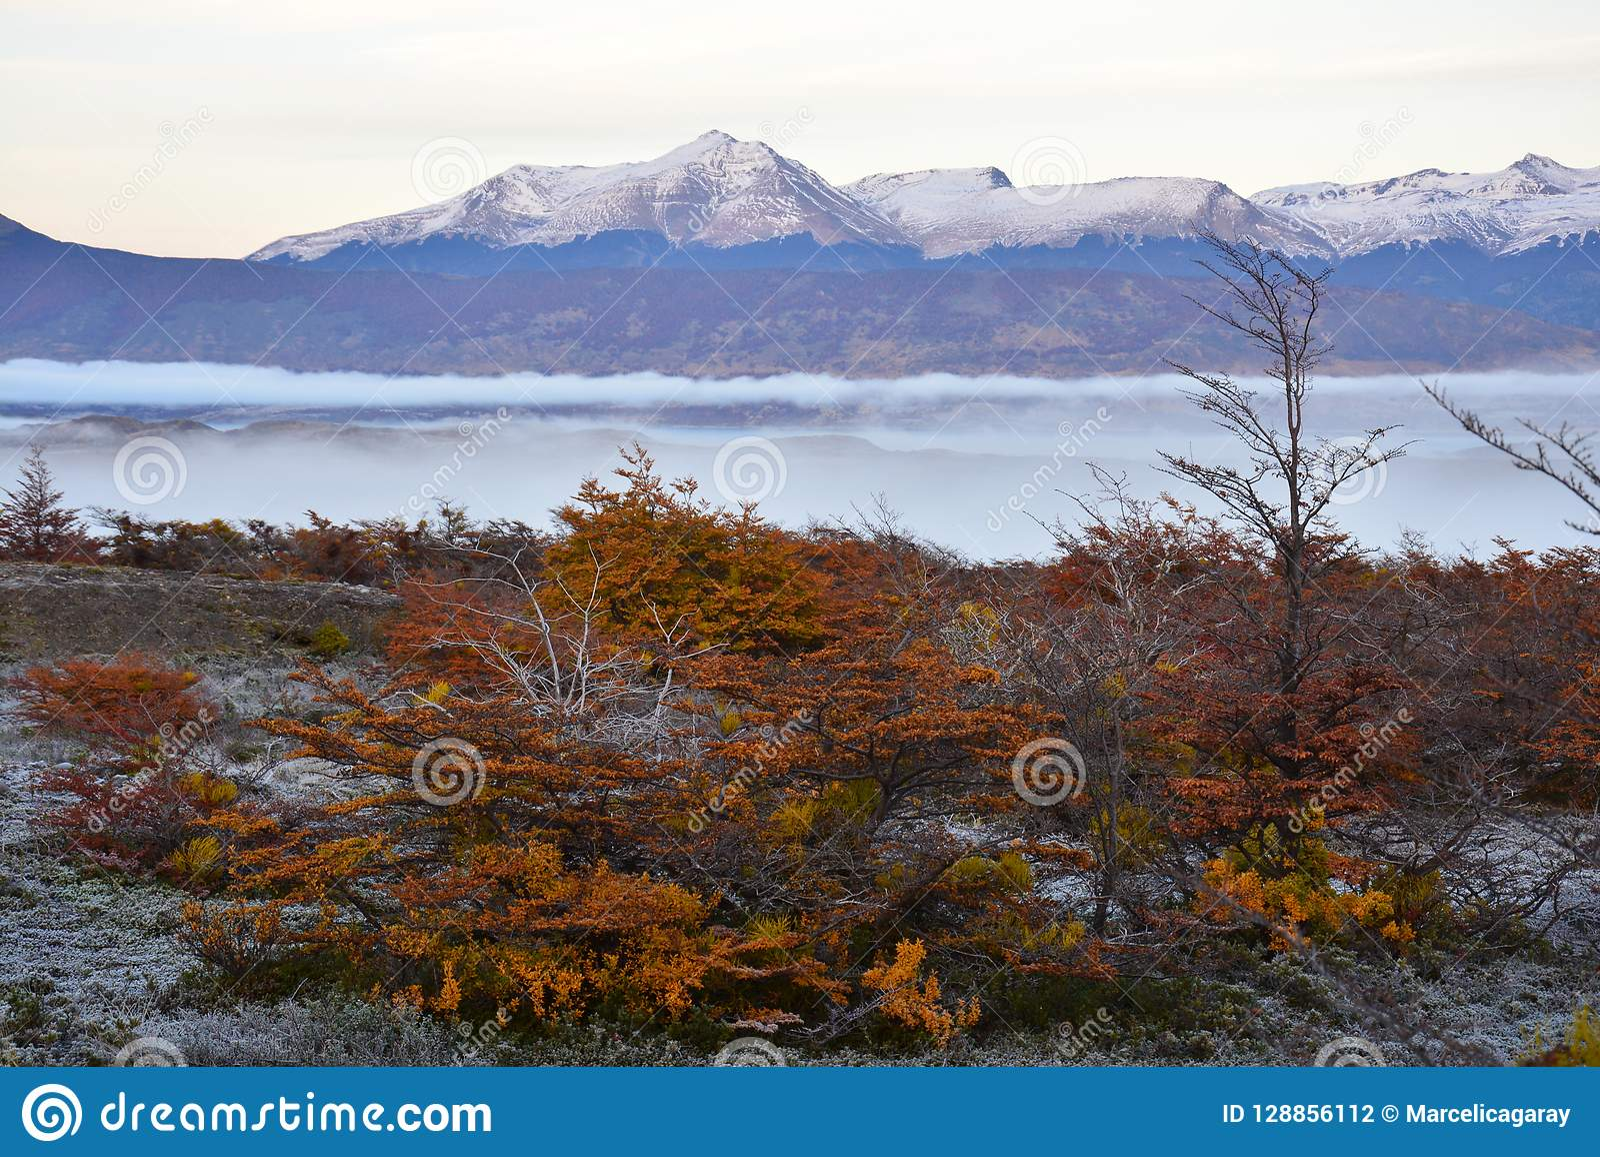 Autumn landscape in Puerto Natales Patagonia Argentina